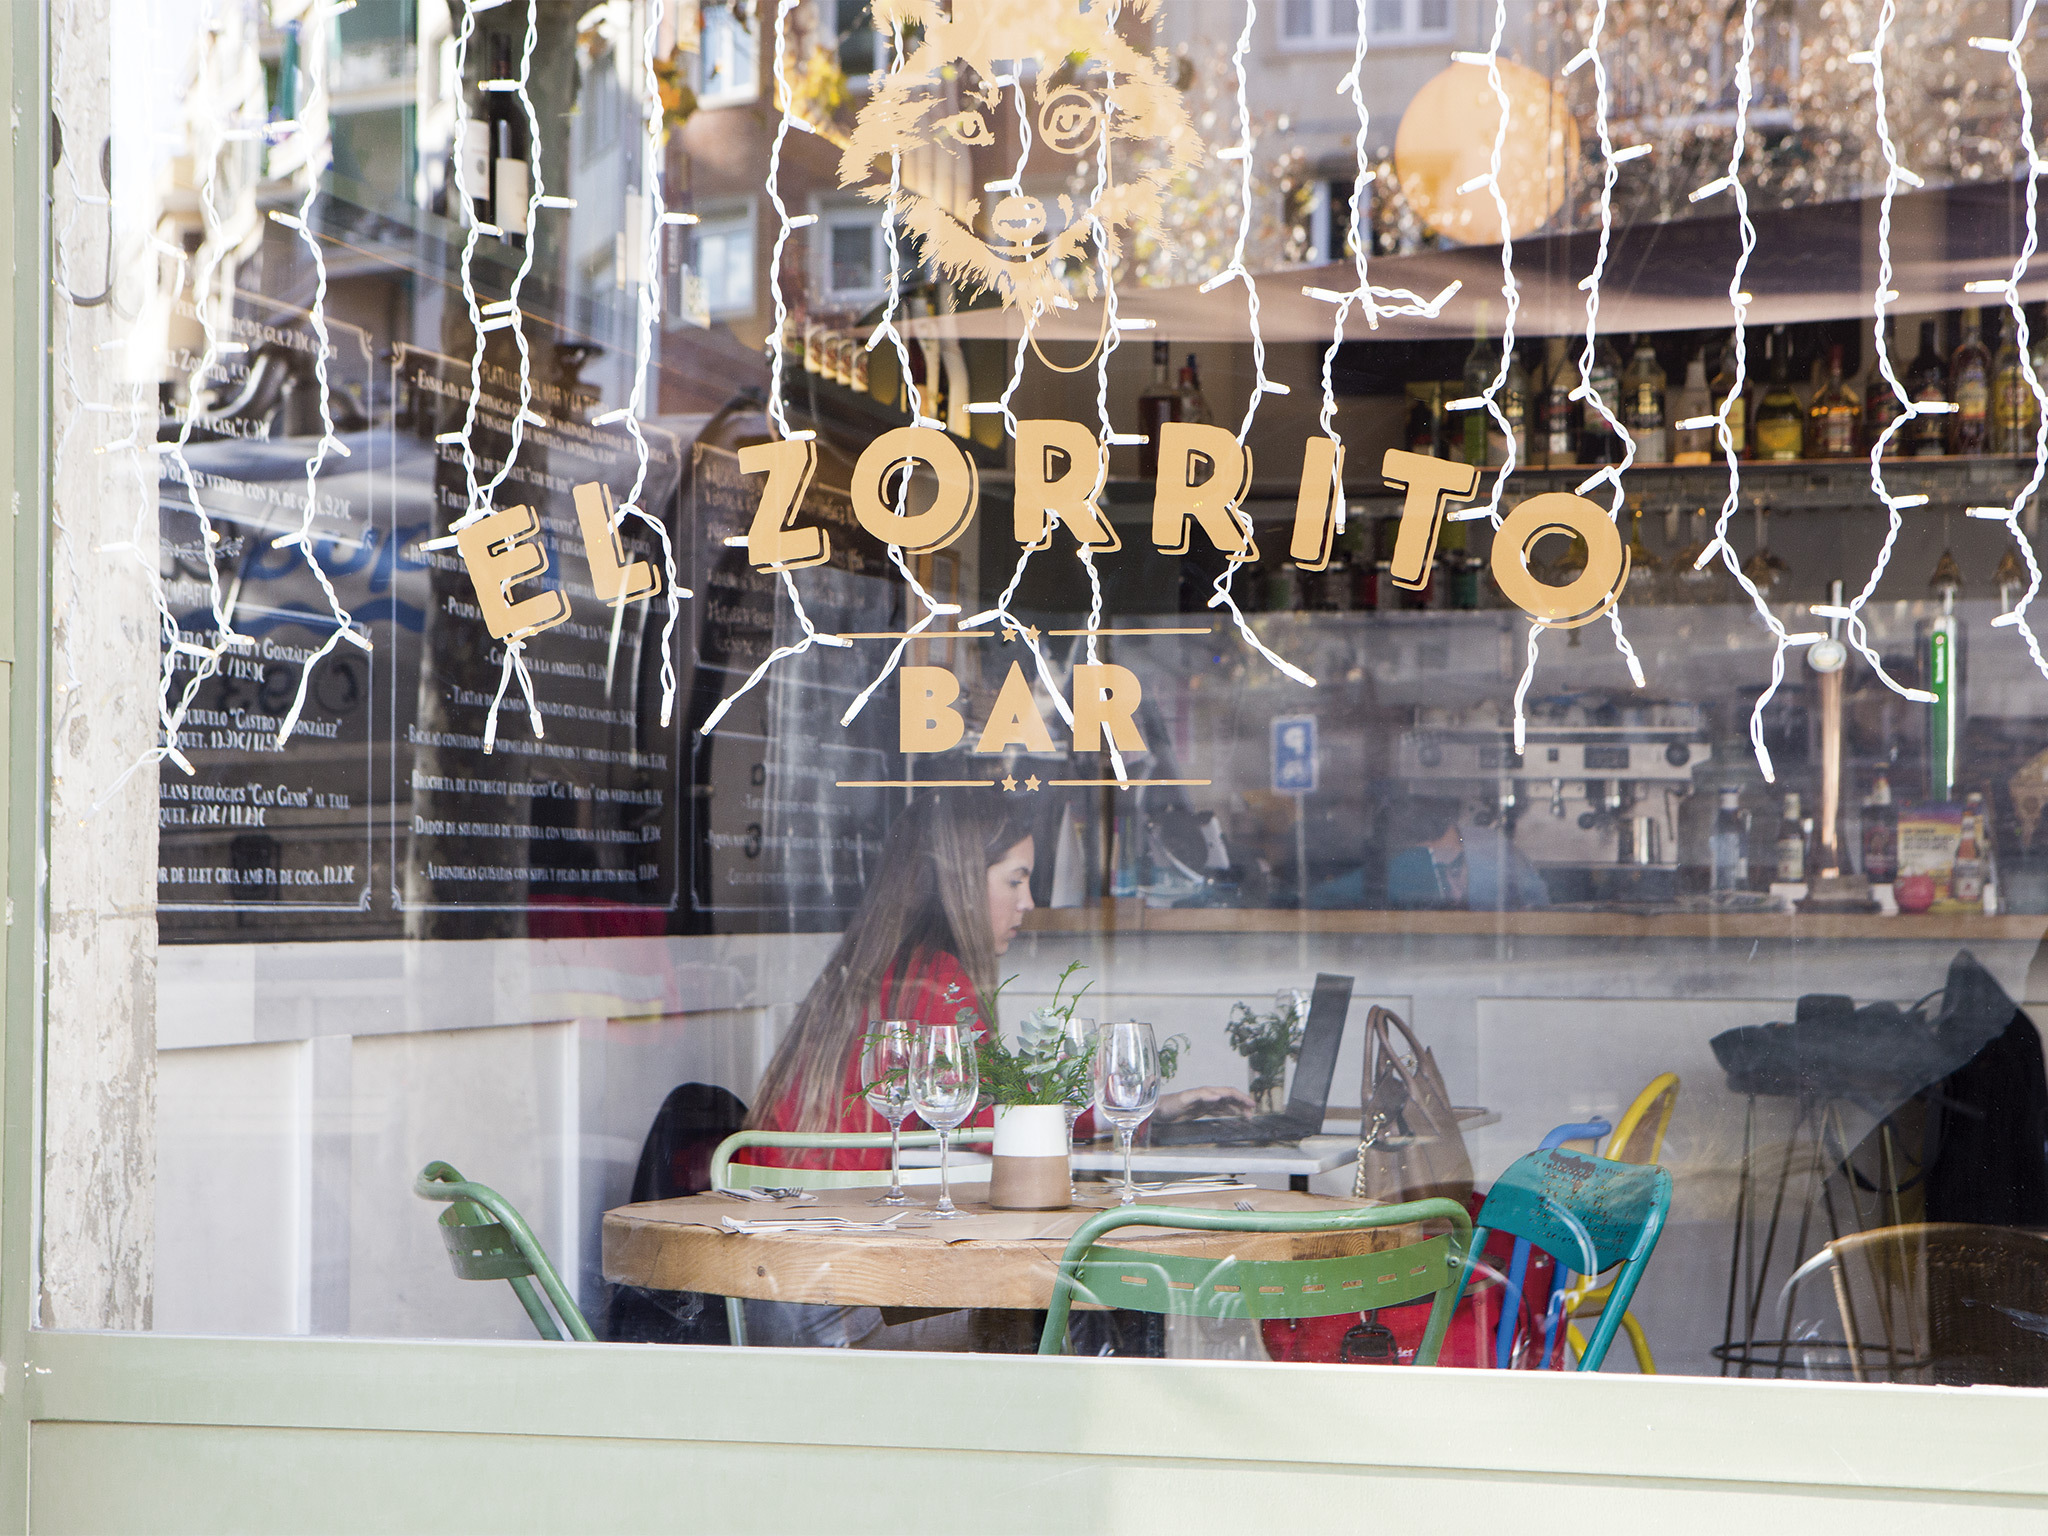 Bar El Zorrito